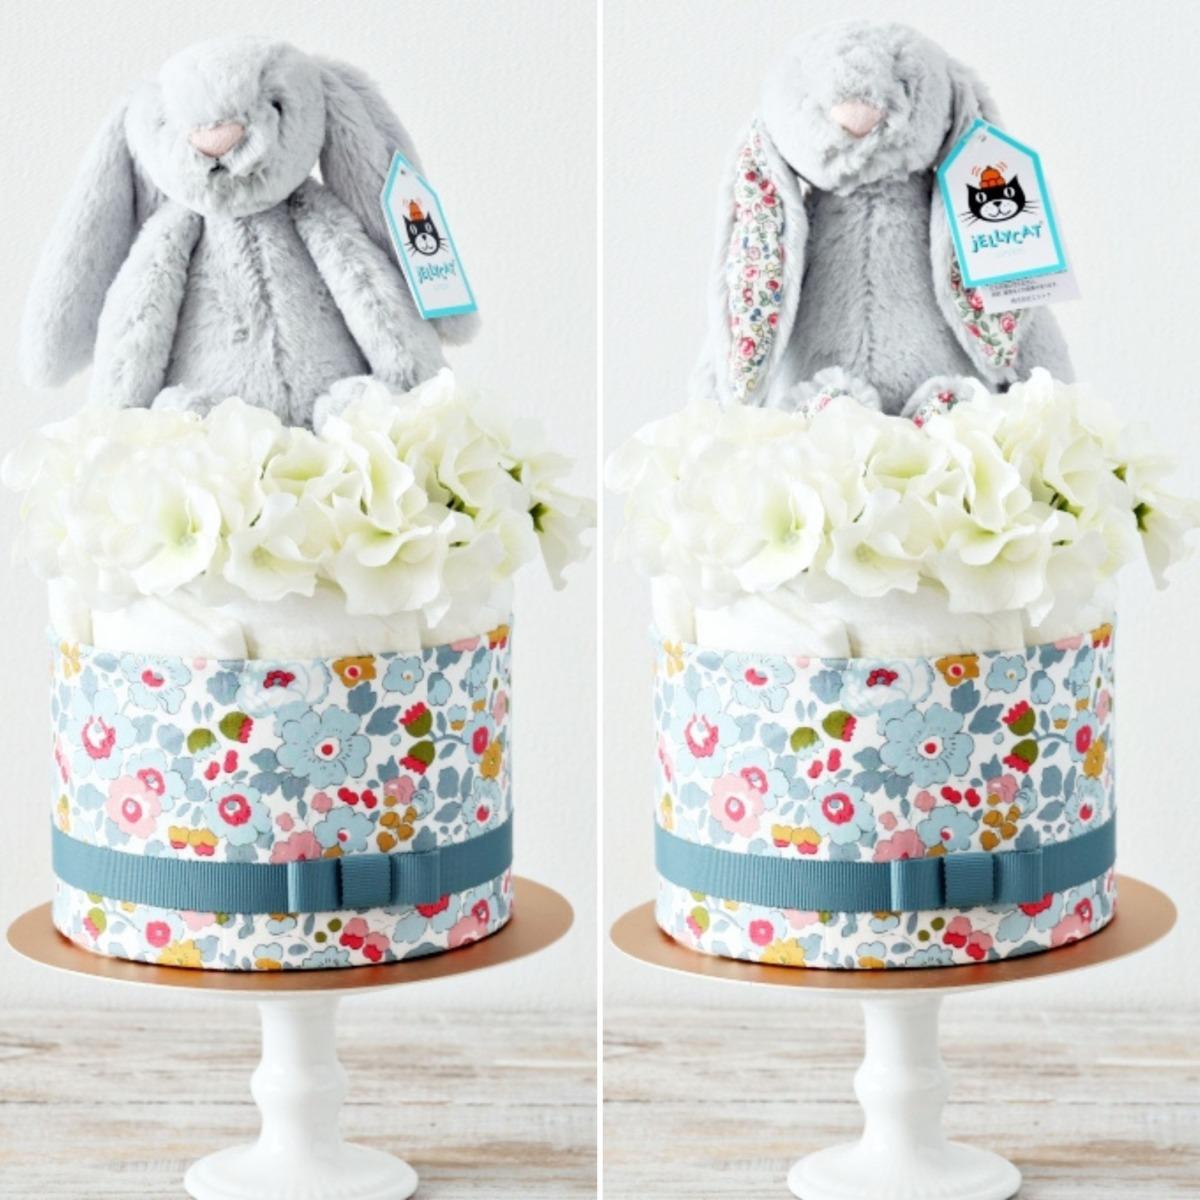 NEW【おむつケーキ】ジェリーキャット うさぎのぬいぐるみ付き ダイパーケーキ Silver Bunny